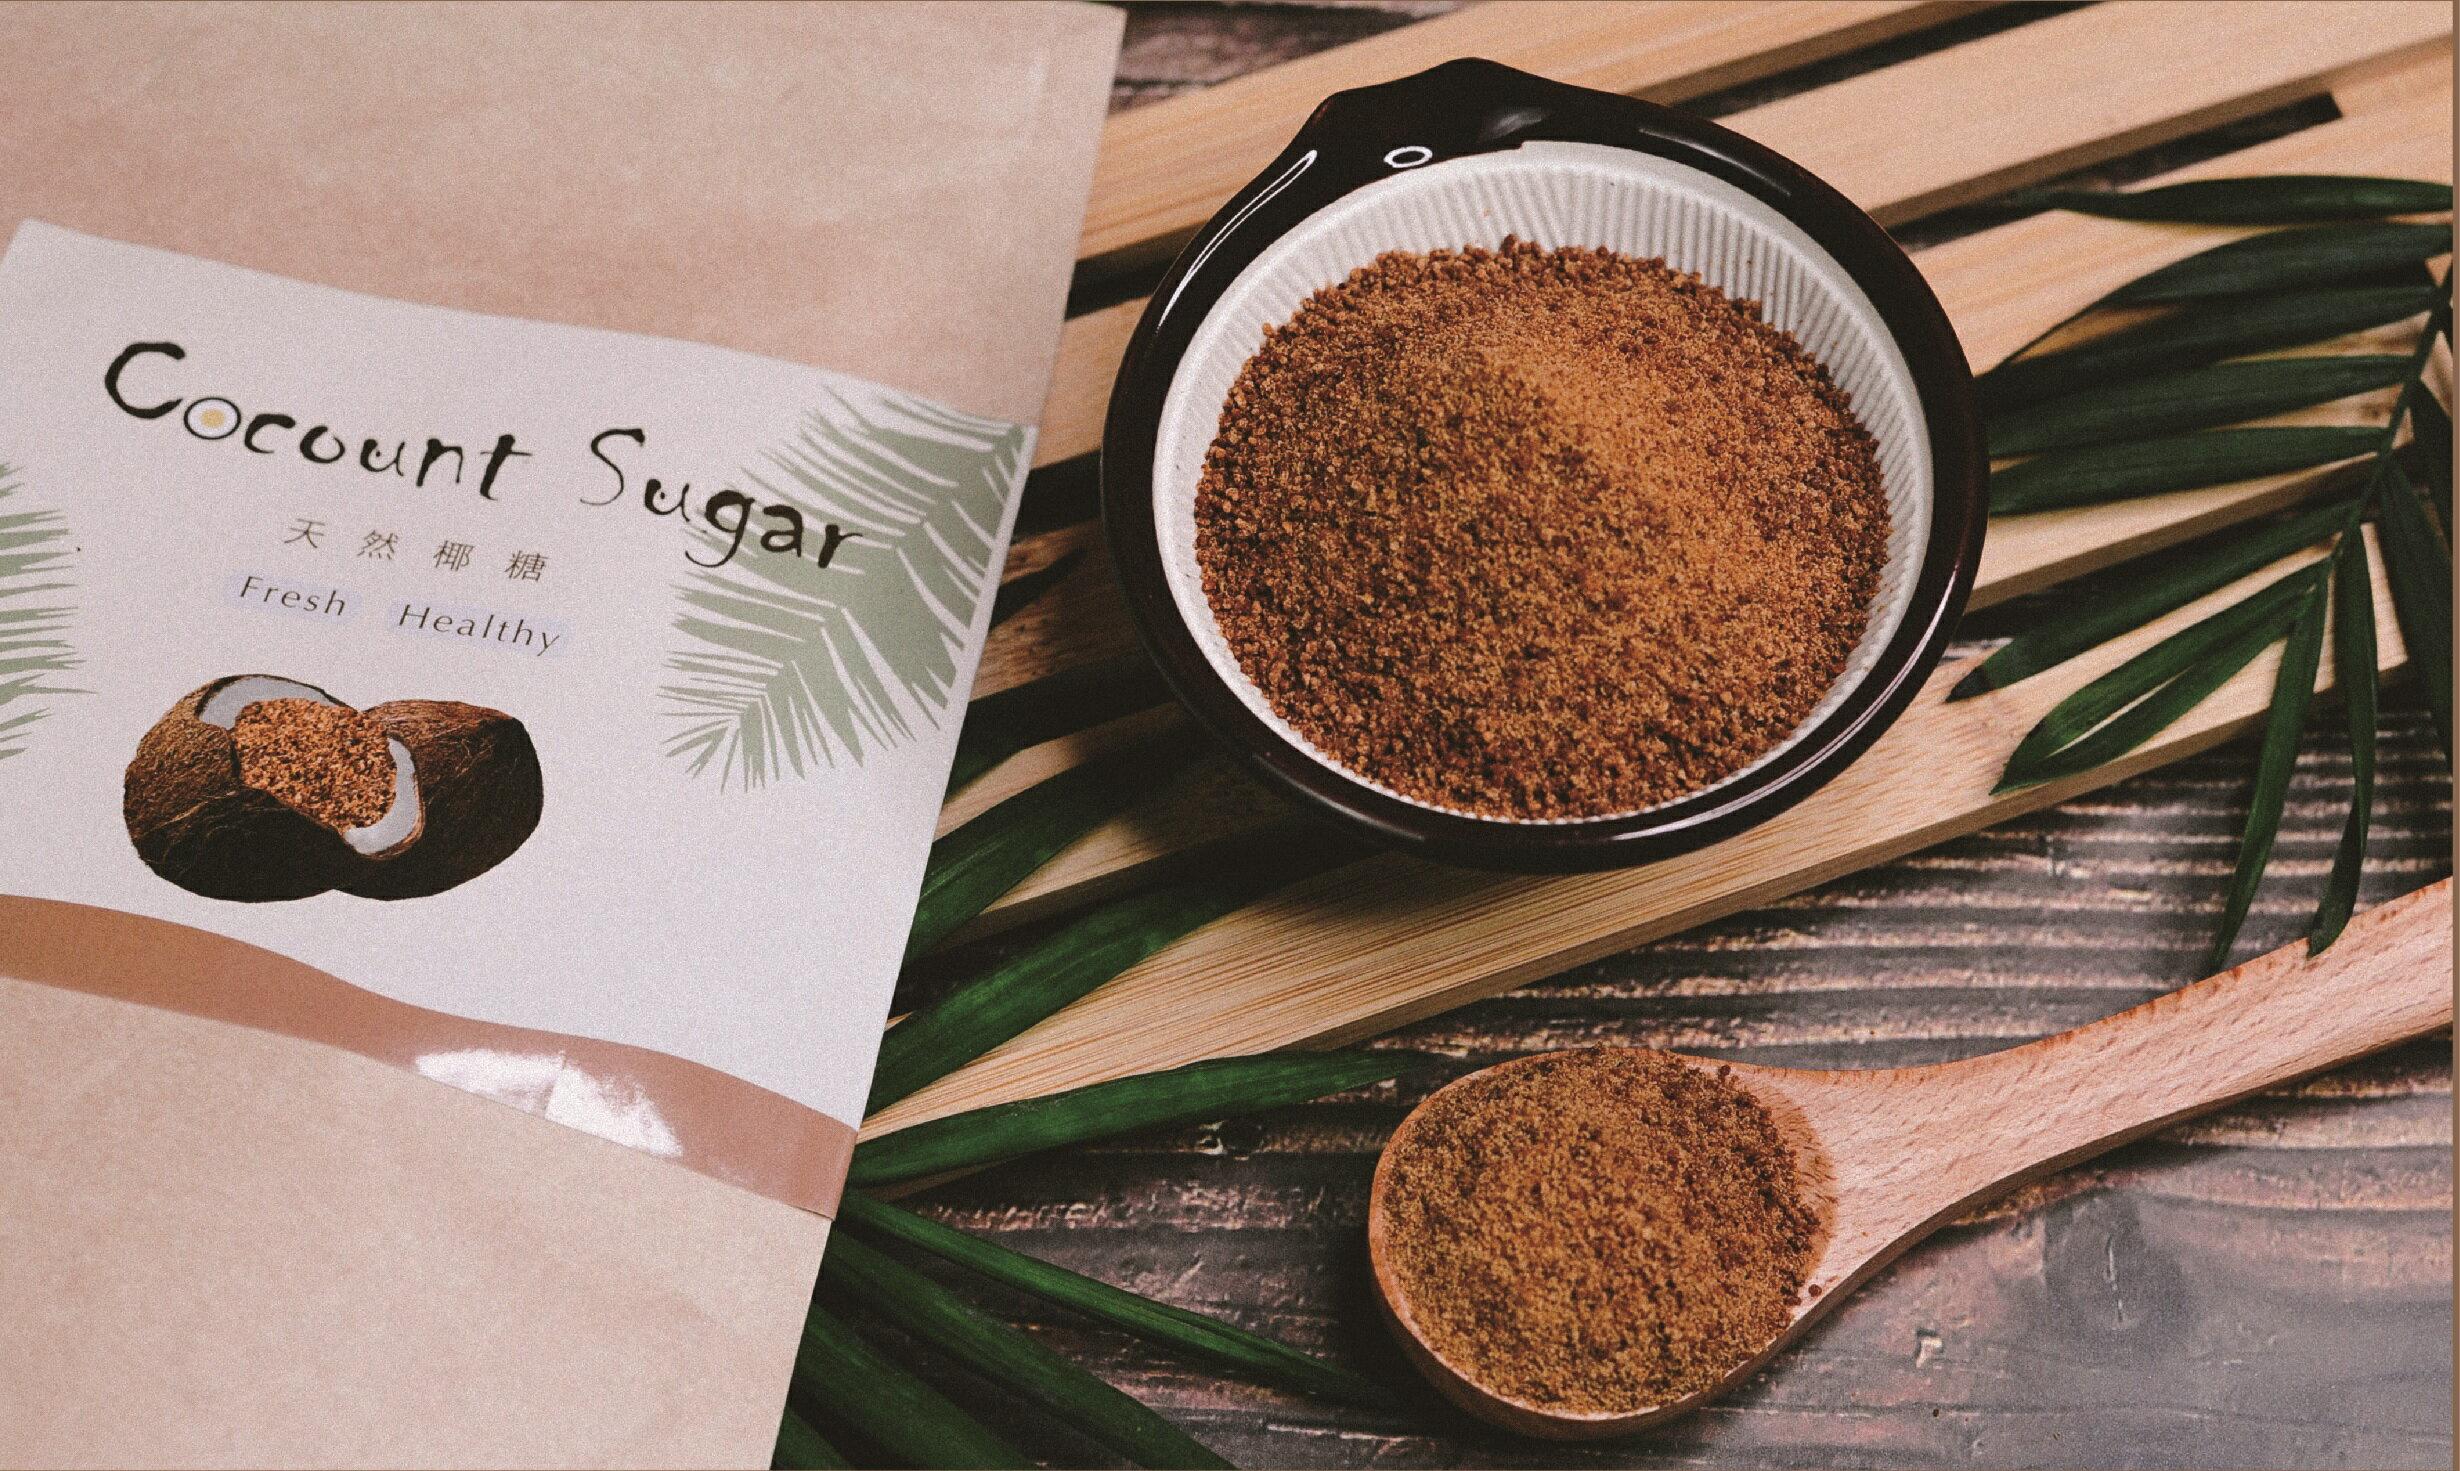 椰皇 純正椰子花蜜糖 椰糖 200g買1送1 共2包 1